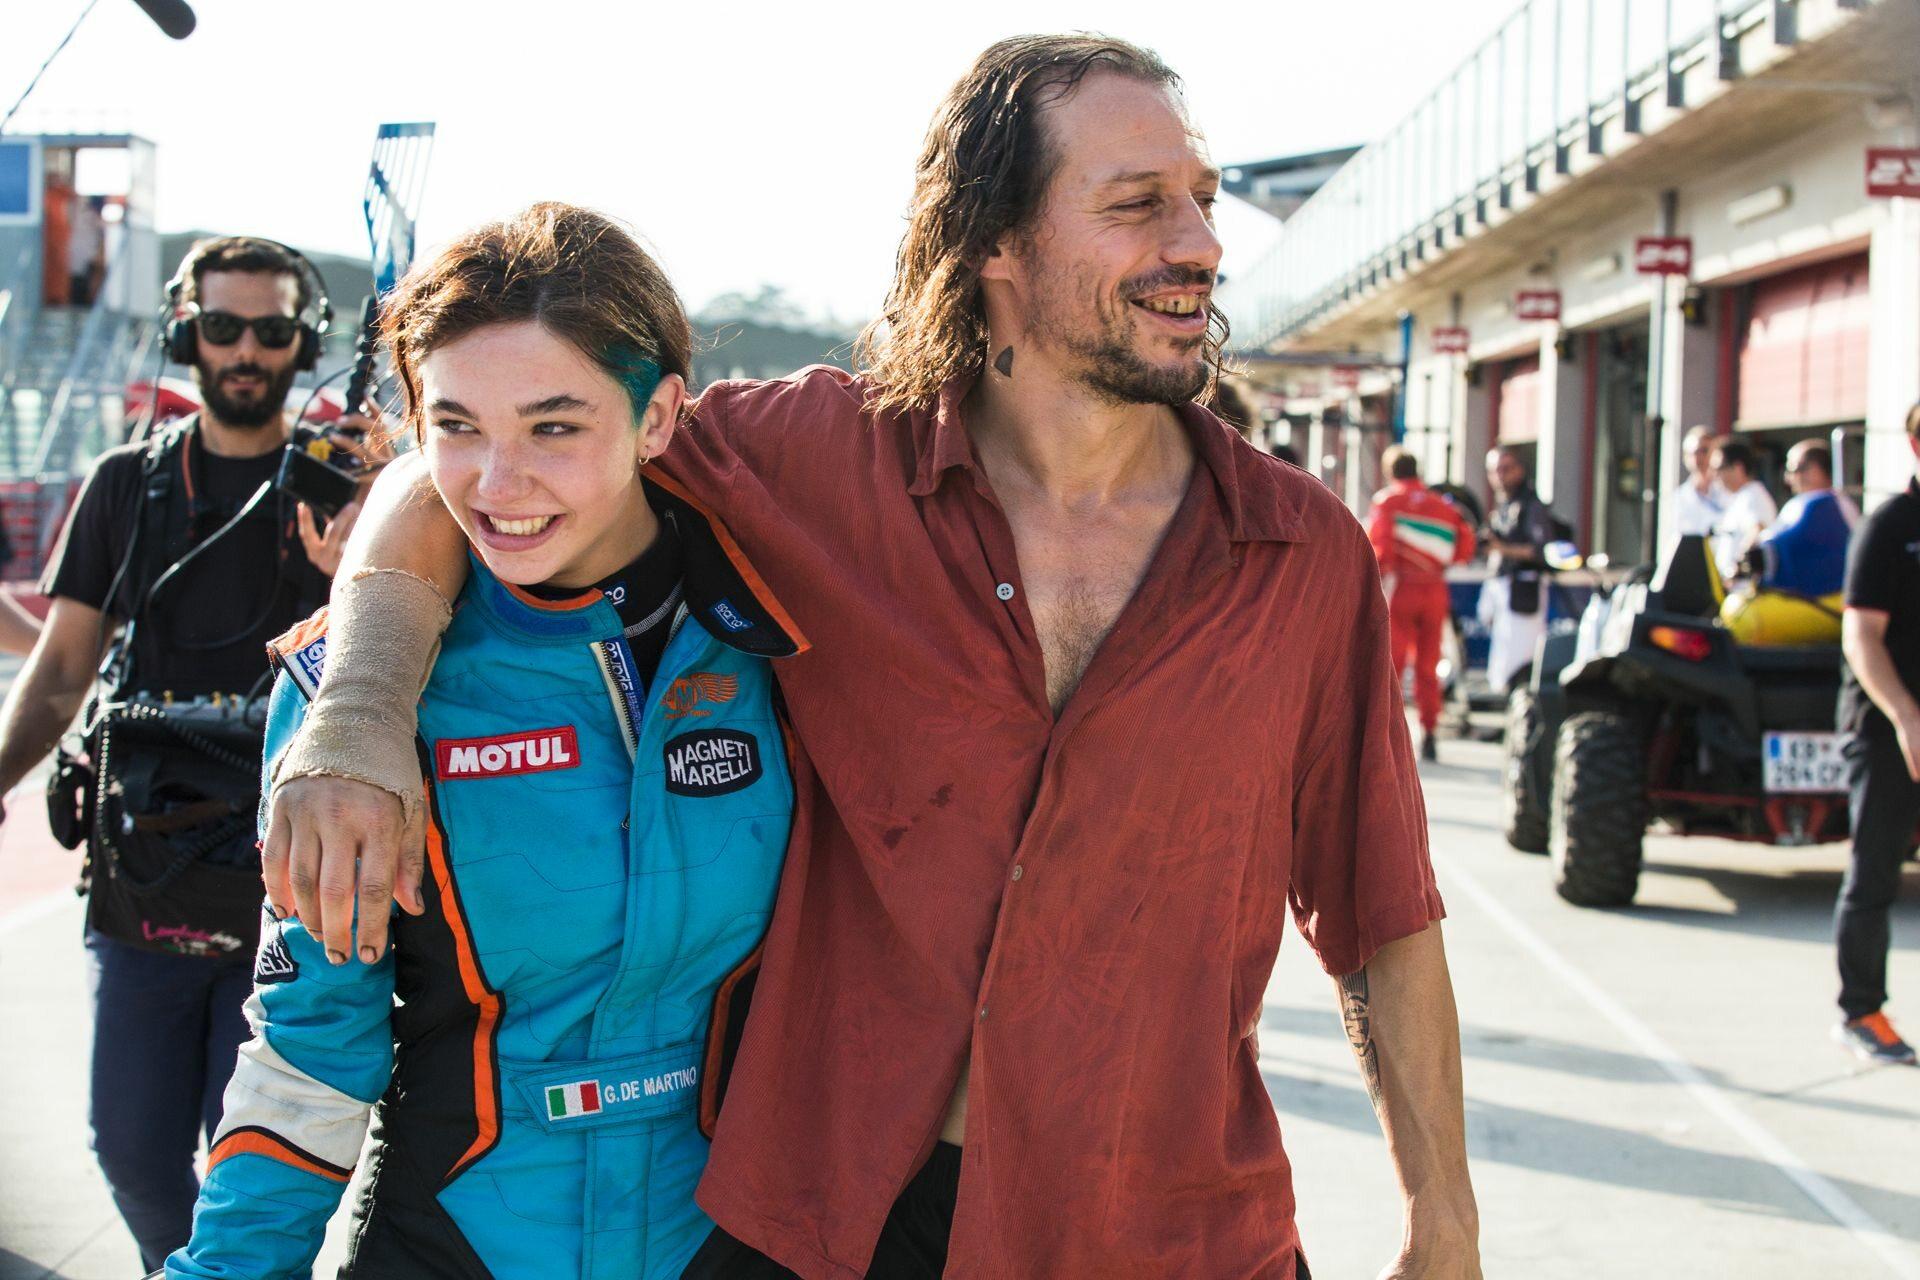 Italian Race - wyścig po rodzinę